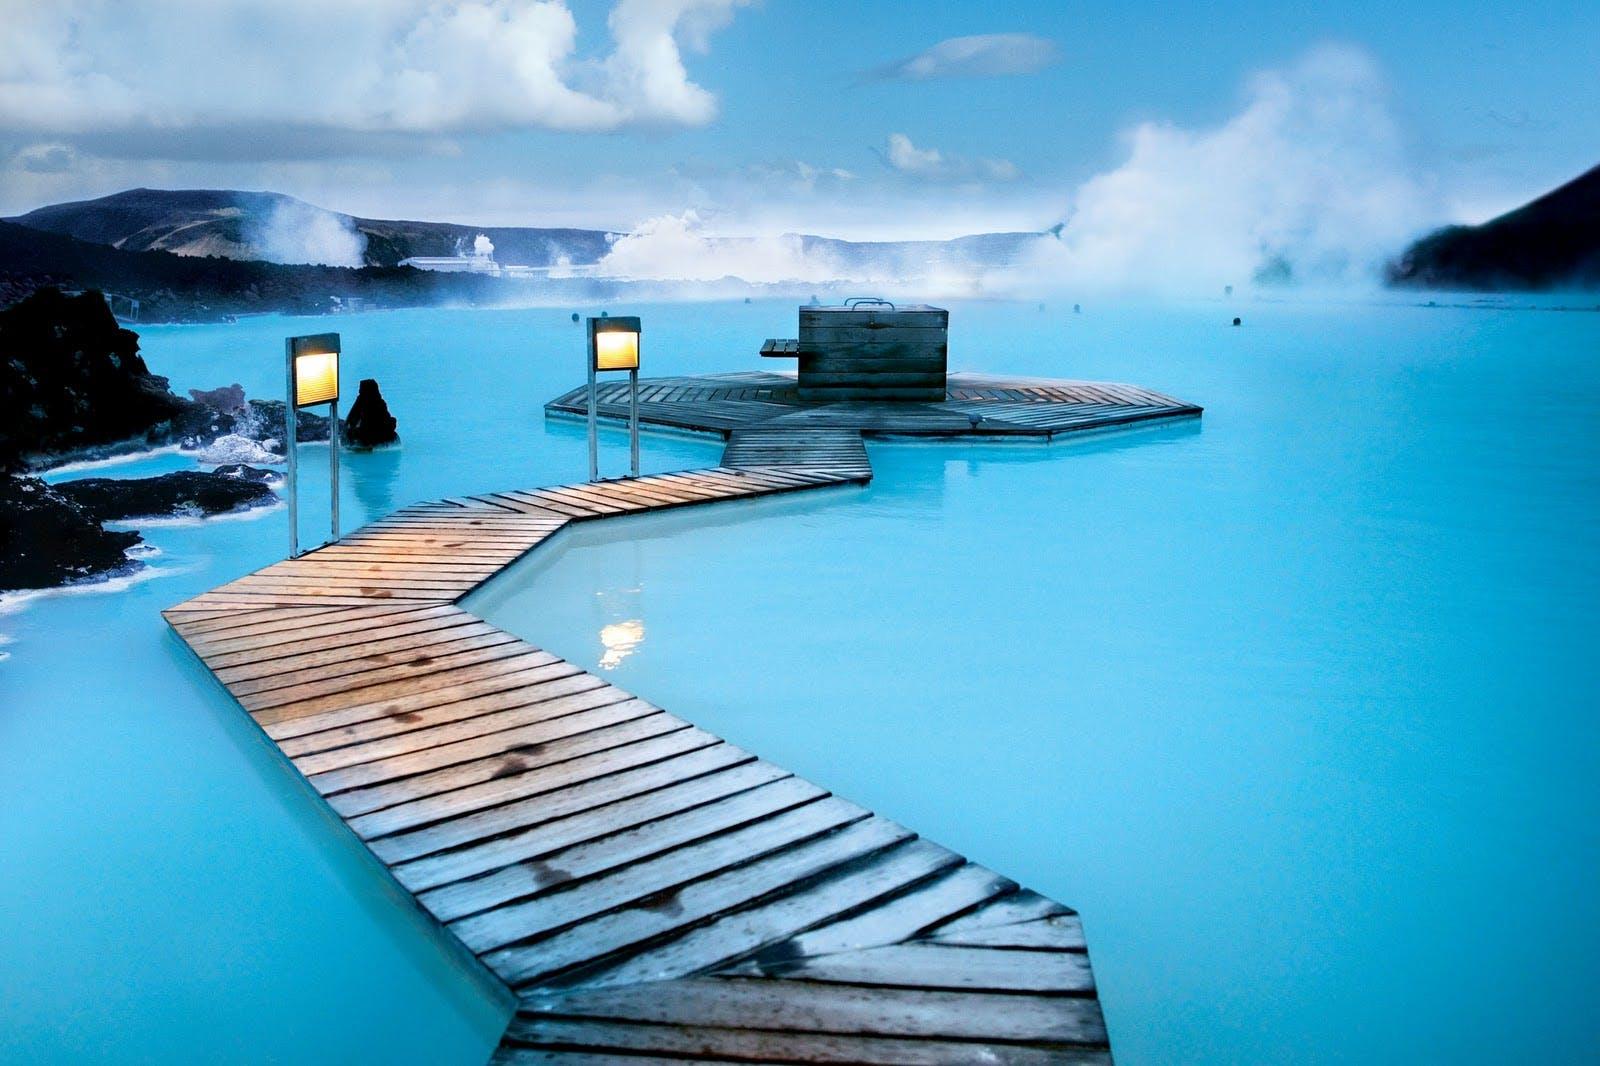 Starte dein Islandabenteuer mit einem erholsamen Bad im Geothermal-Spa Blaue Lagune.